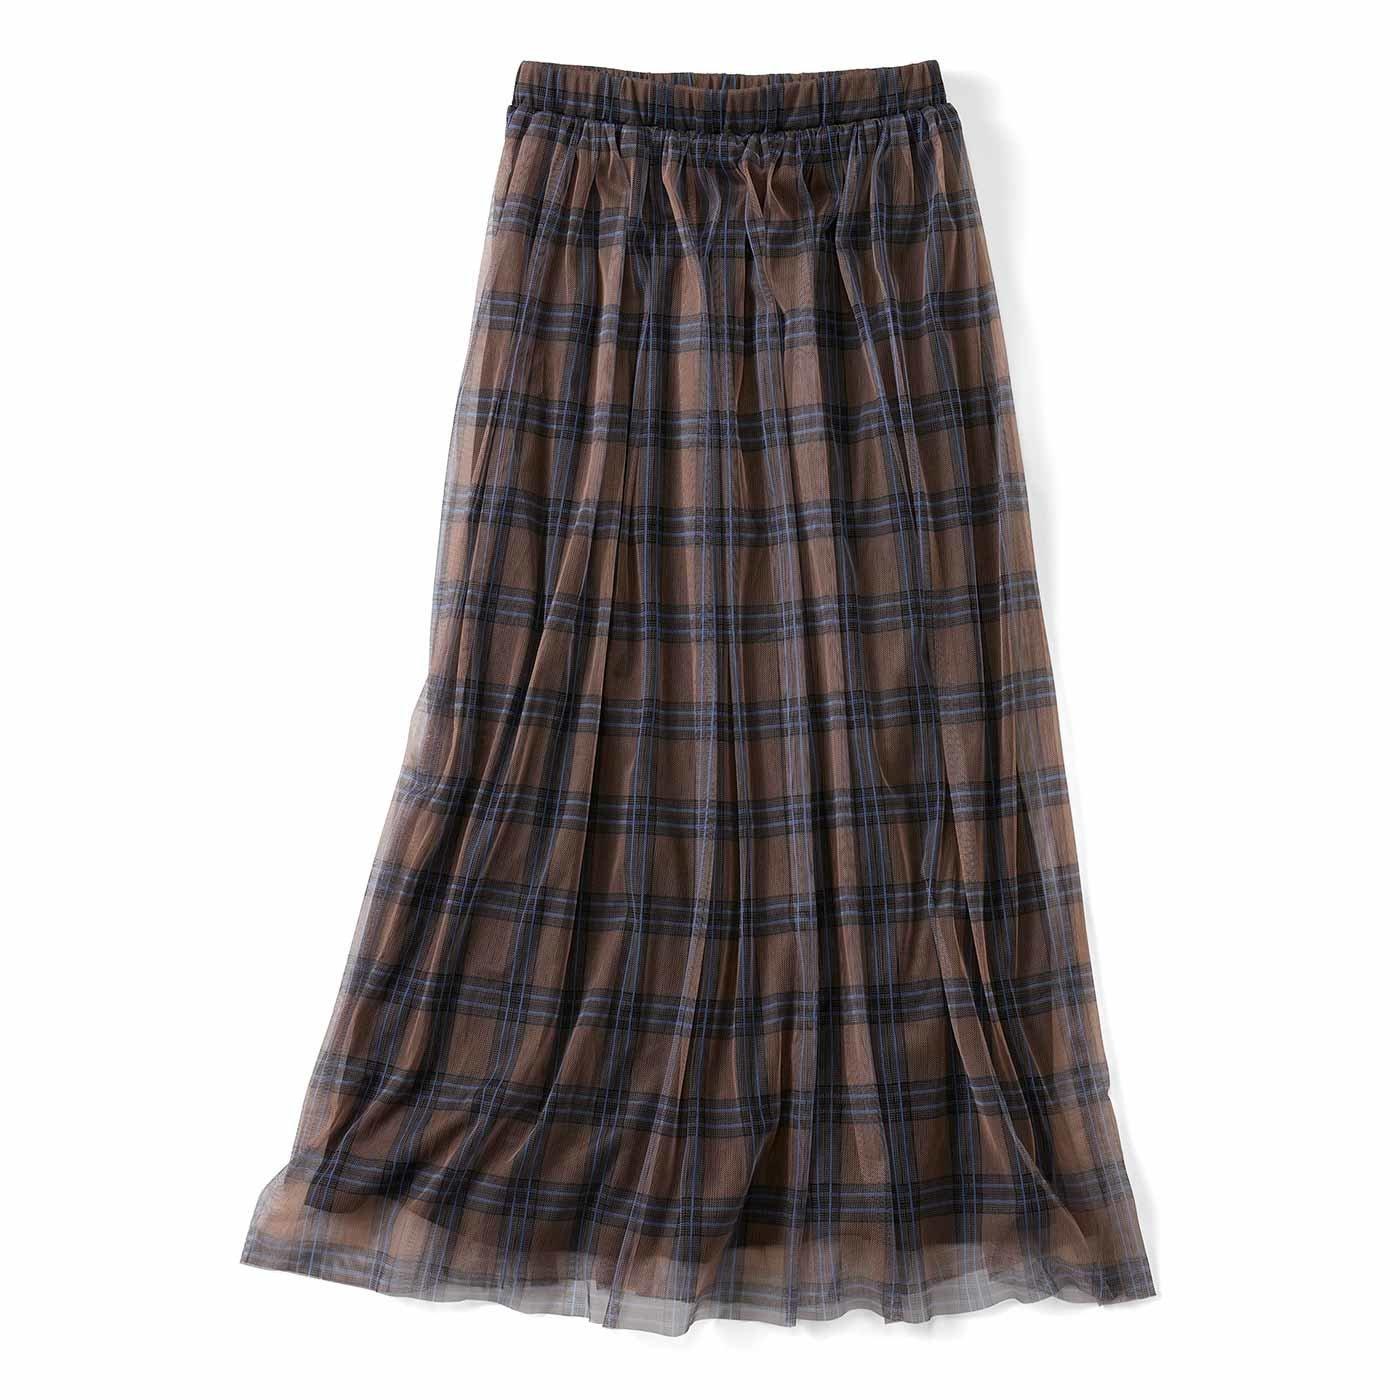 【3~10日でお届け】リブ イン コンフォート チェックチュールが華やかなふんわりギャザースカート〈チョコレートベージュ〉